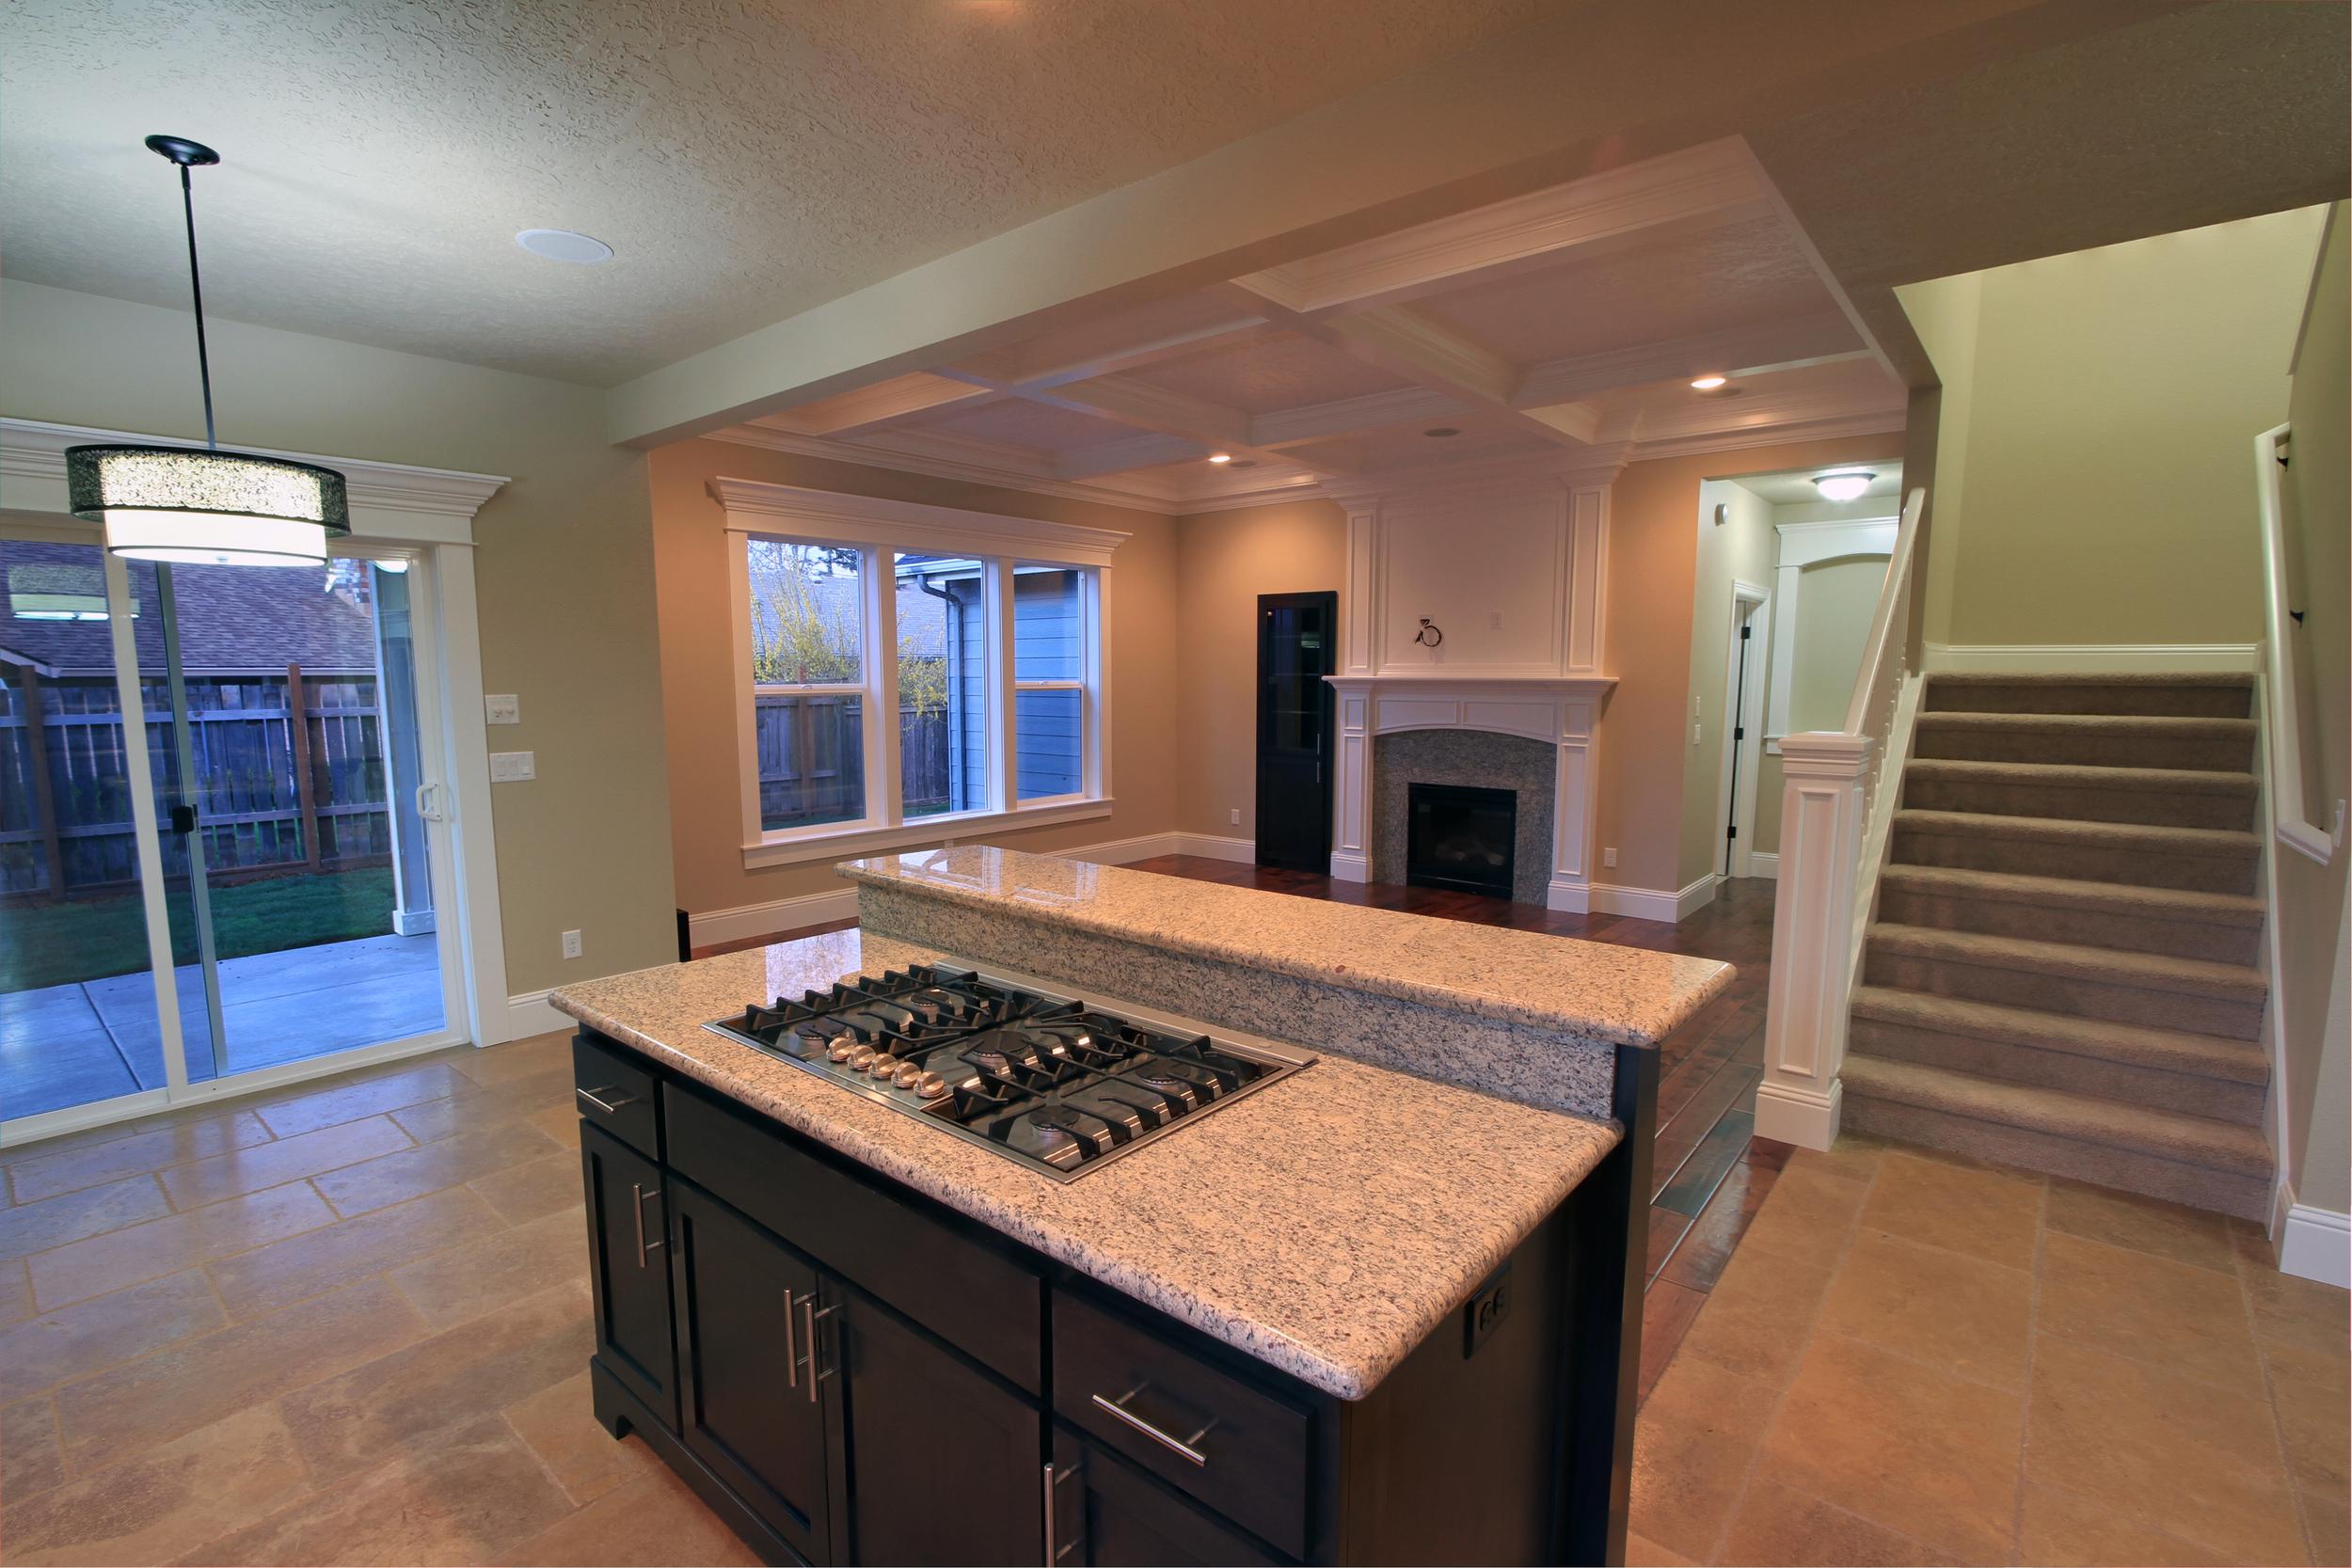 H1 Kitchen:GR_7056.jpg